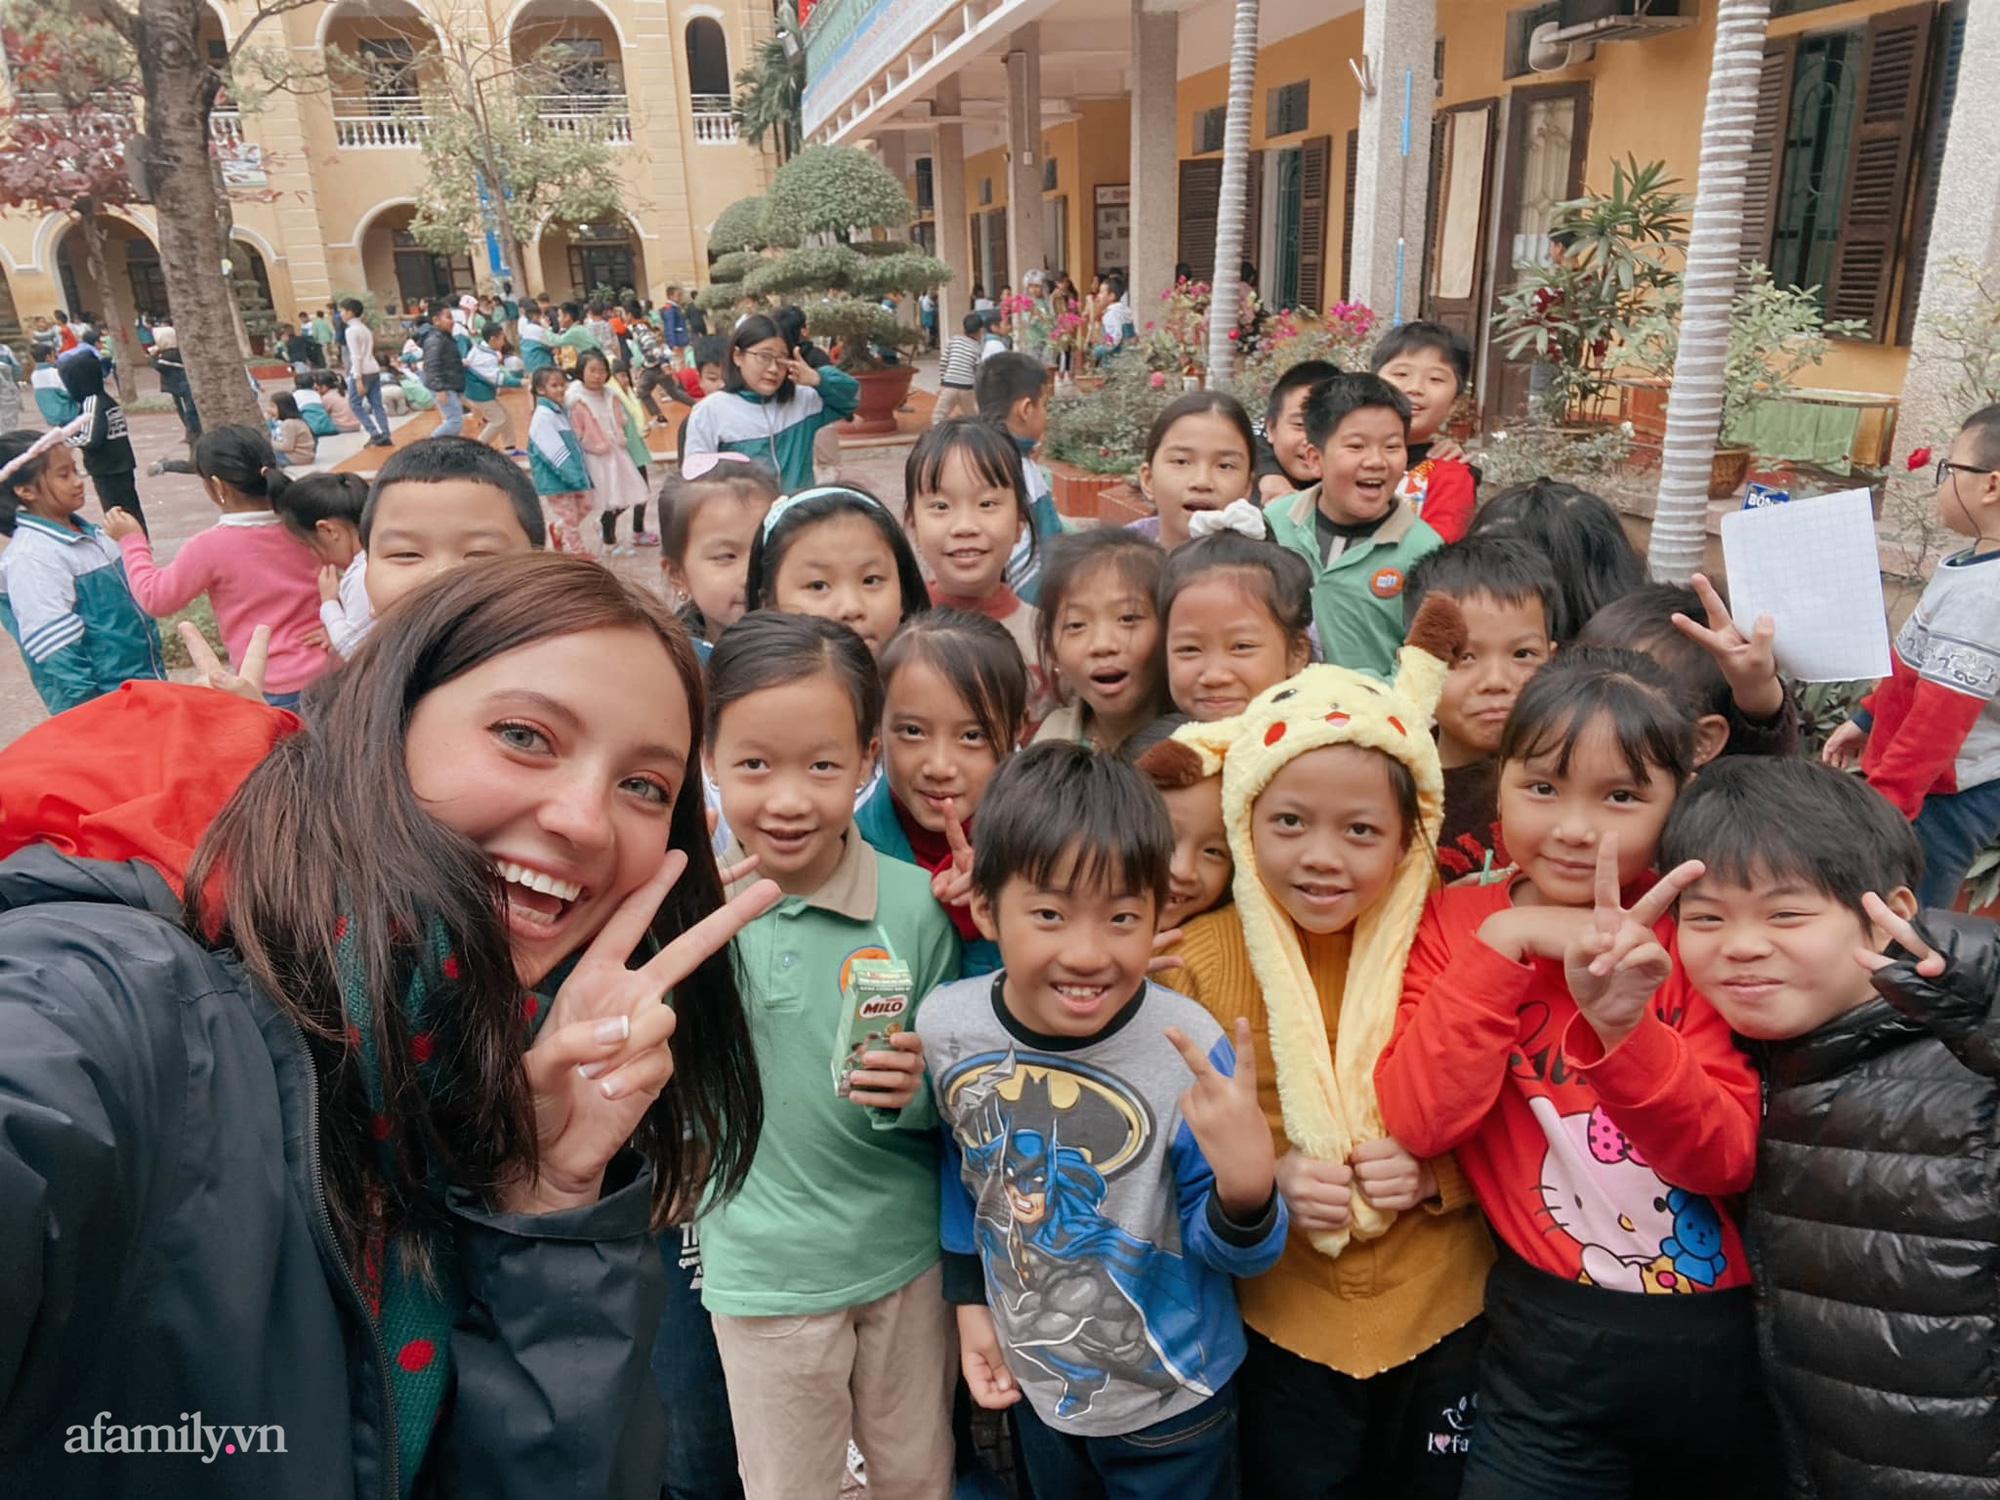 Cô gái người Nga chia sẻ chuỗi ngày giãn cách khó quên khi lần đầu đi chợ bằng phiếu, biết ơn Việt Nam vì sự tử tế dành cho cộng đồng người nước ngoài-6